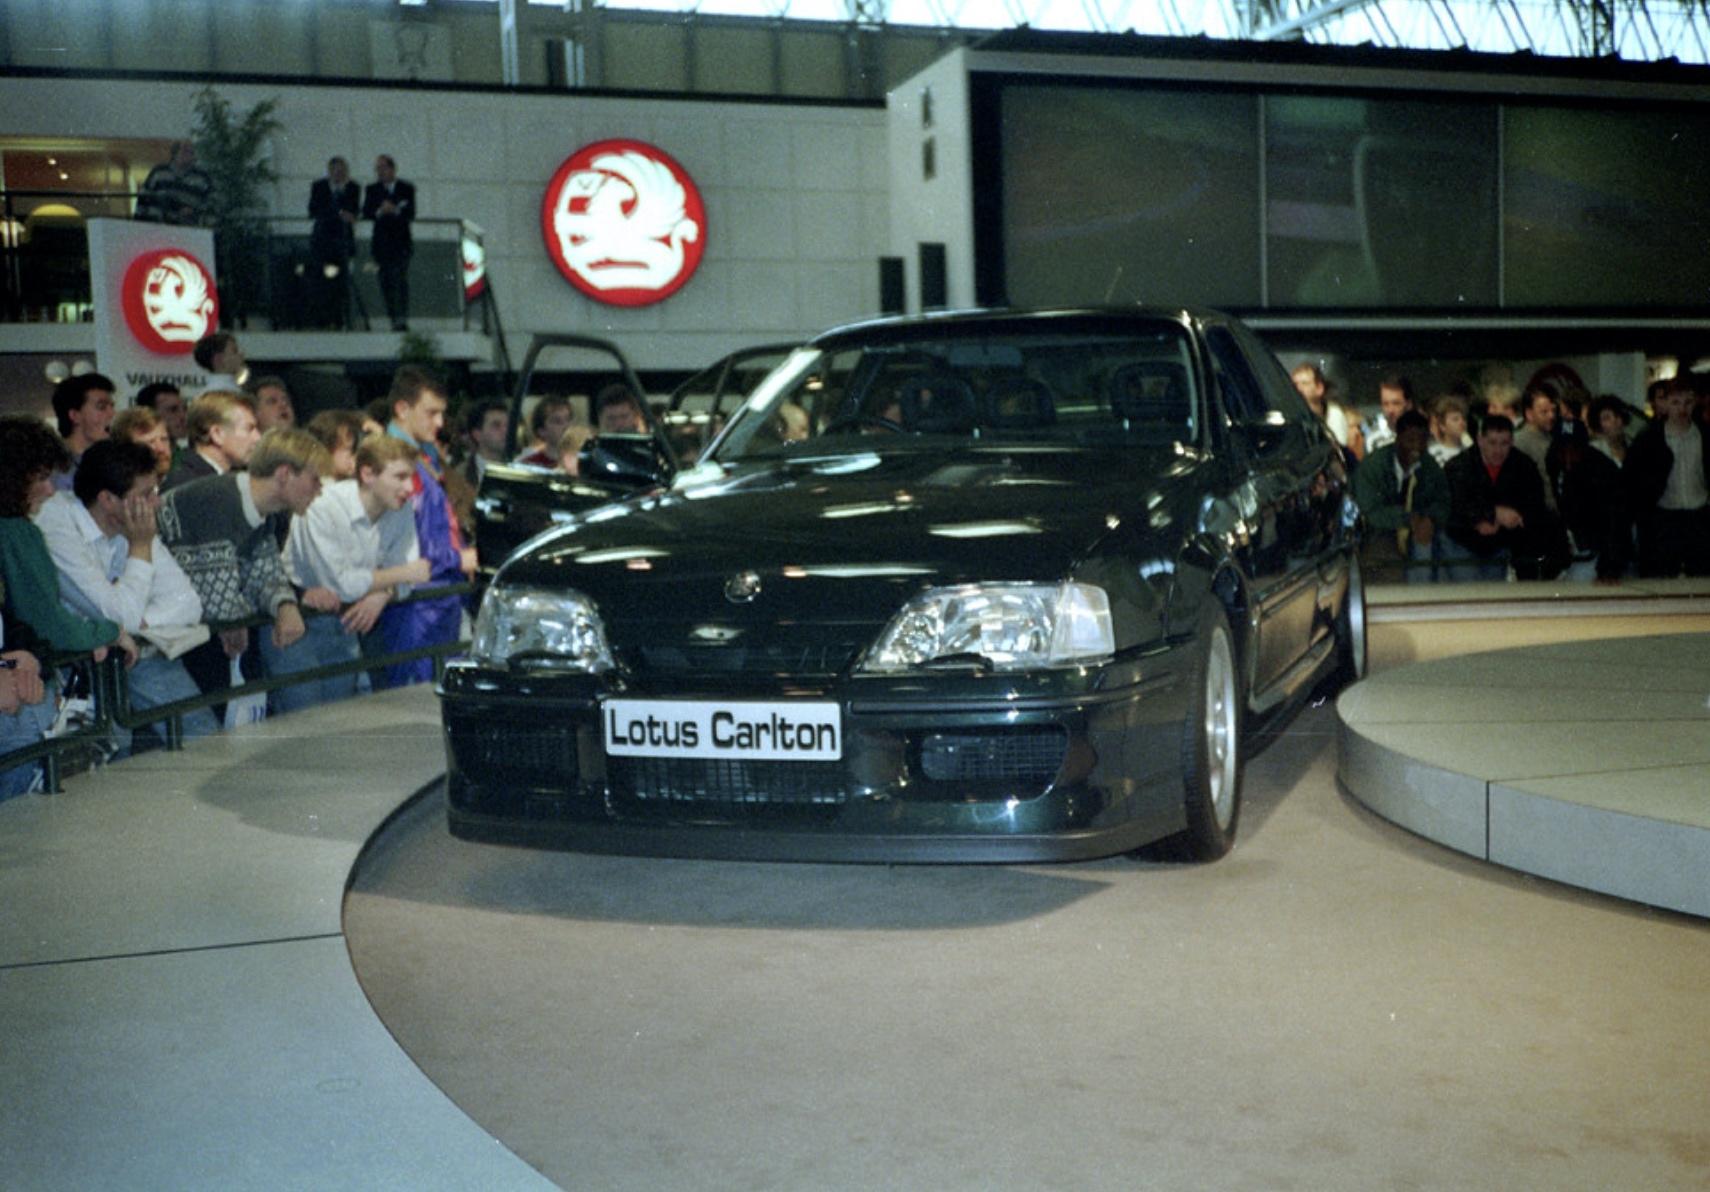 Lotus Carlton making its debut at the 1990 British International Motor Show